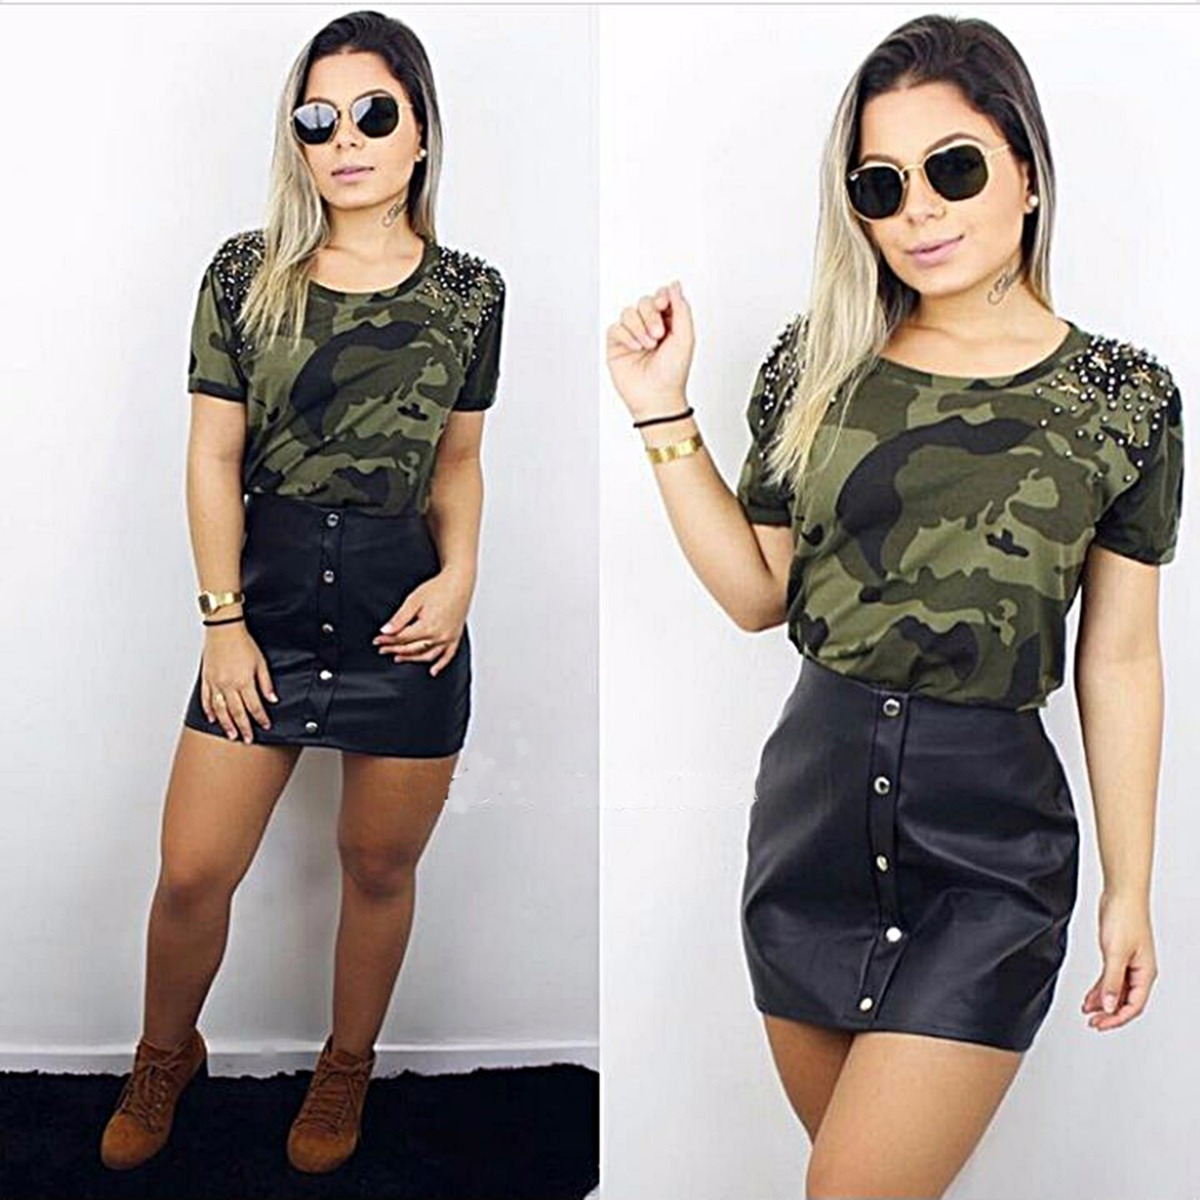 97558df059 camiseta feminina pedraria estampa camuflada tendencia 2805. Carregando zoom .